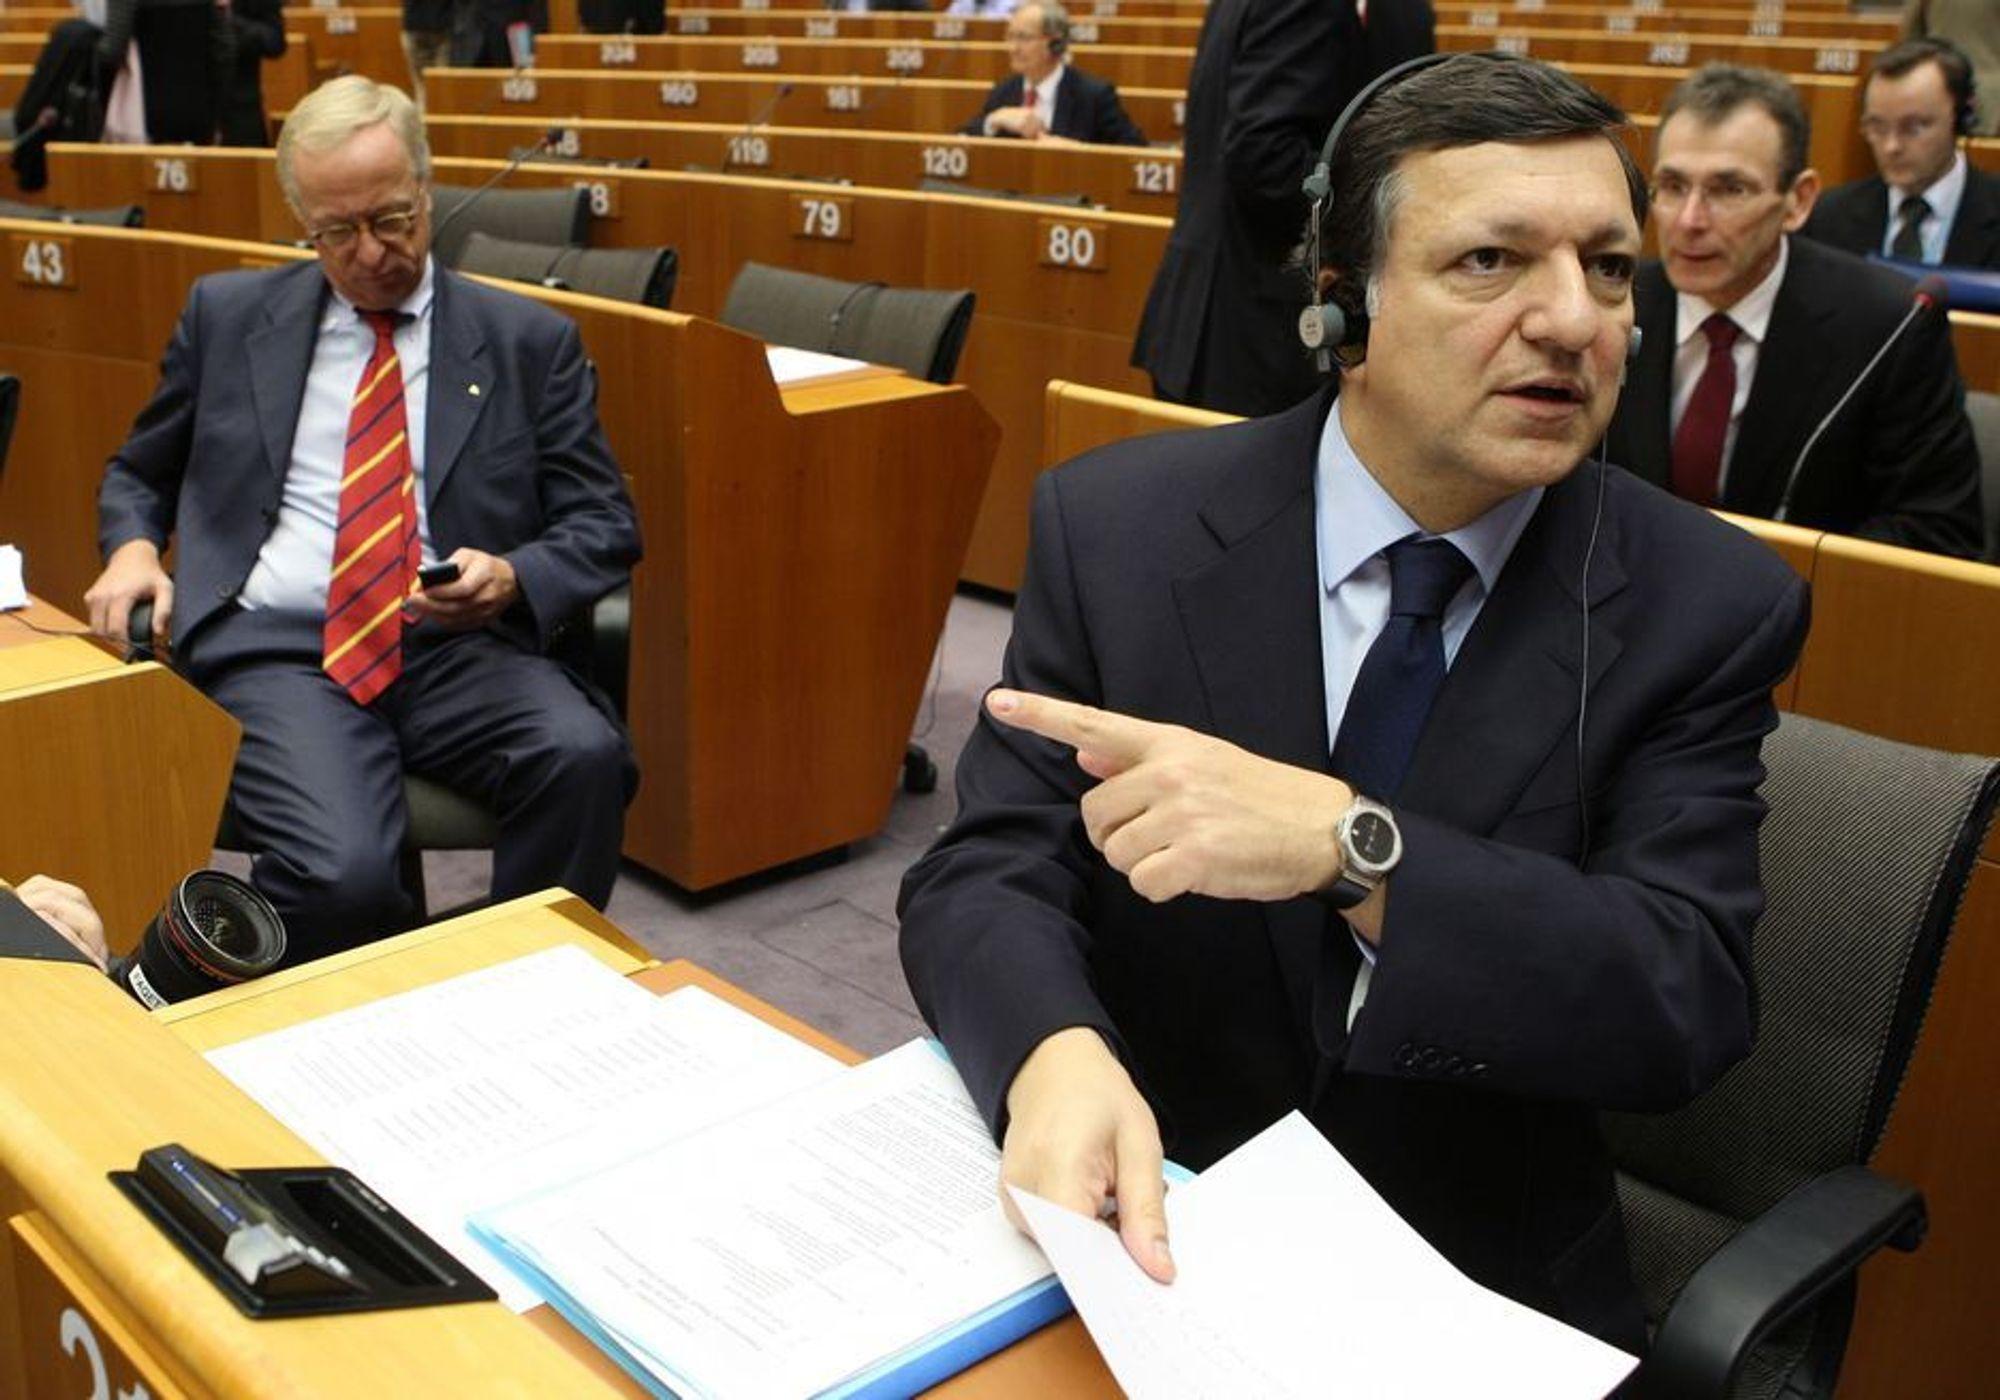 FARVEL, FOSSILER: EU må begrense olje- og gassimporten, mener EU-kommisjonens president José Manuel Barroso. Den årlige regningen er totalt på 2,5 prosent av BNP, eller 2430 milliarder kroner.